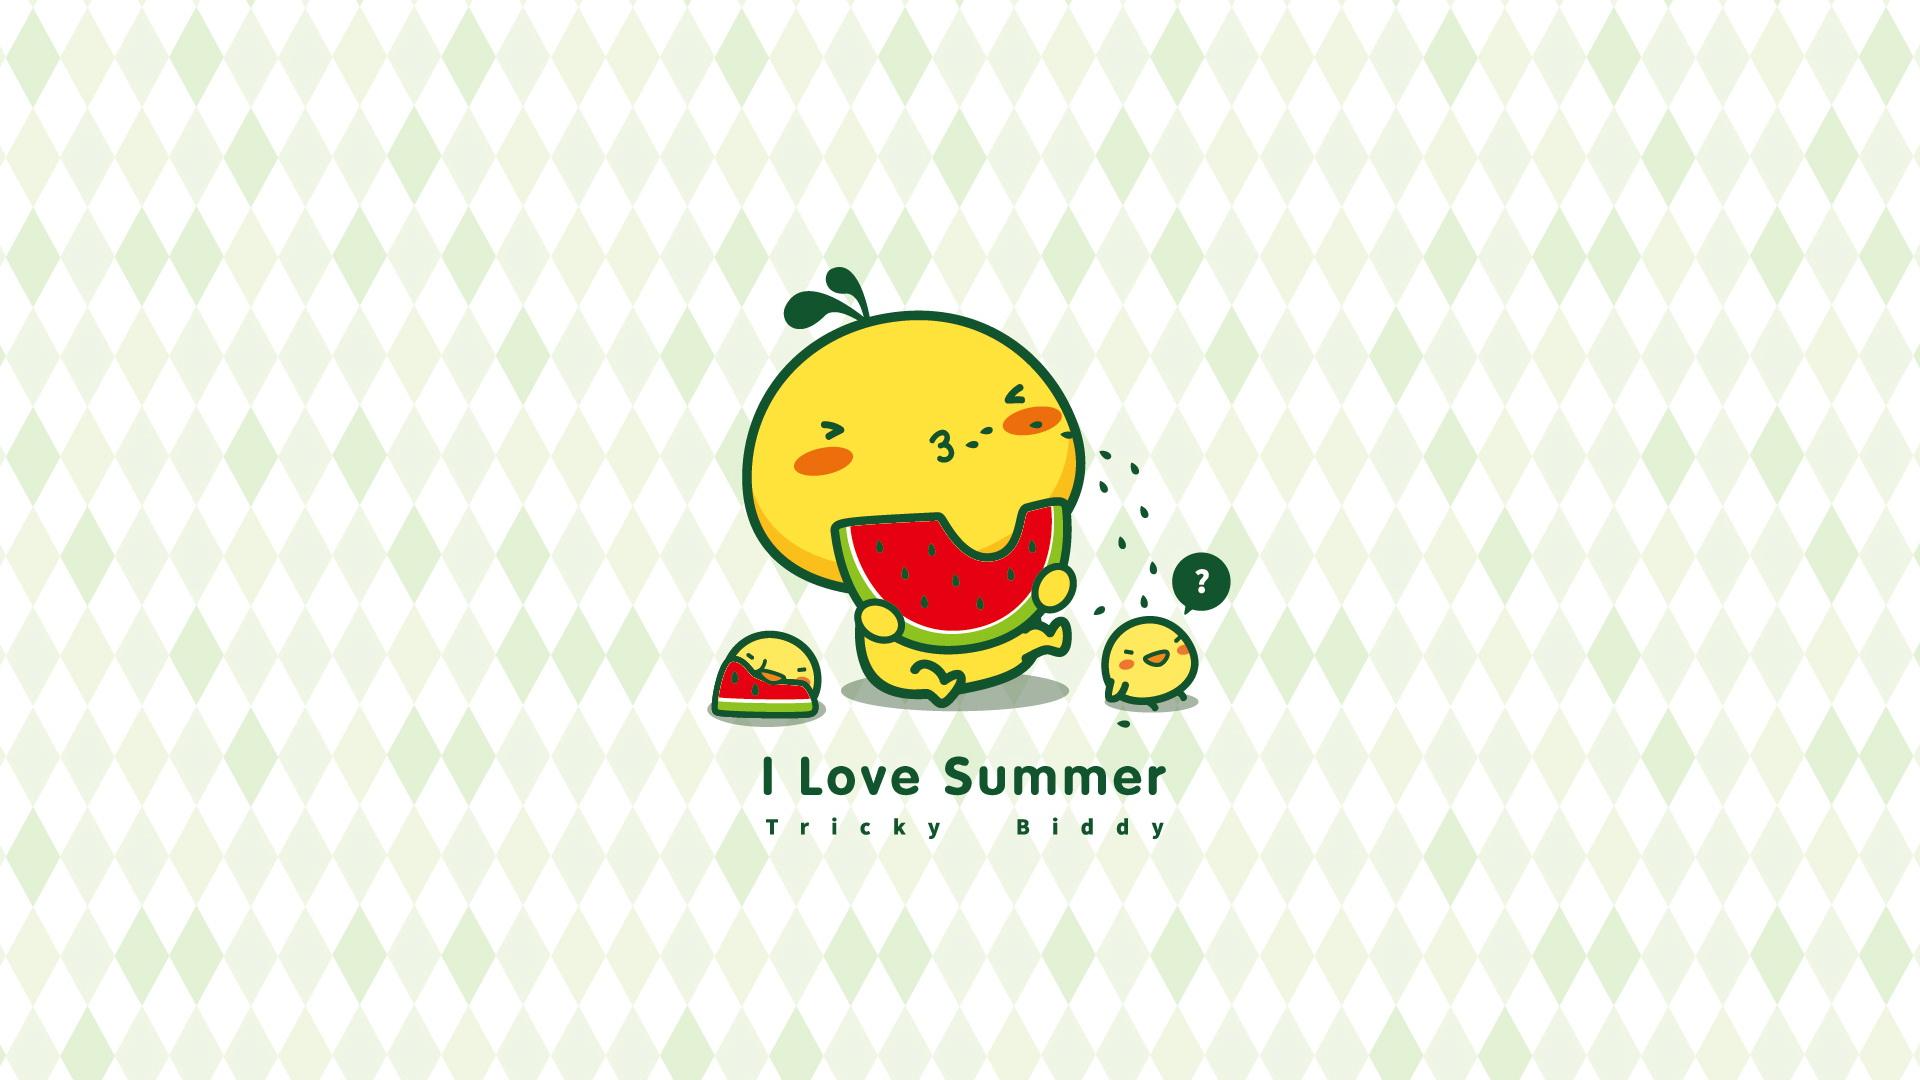 油爆叽丁清凉一夏 可爱卡通宽屏壁纸(壁纸3)